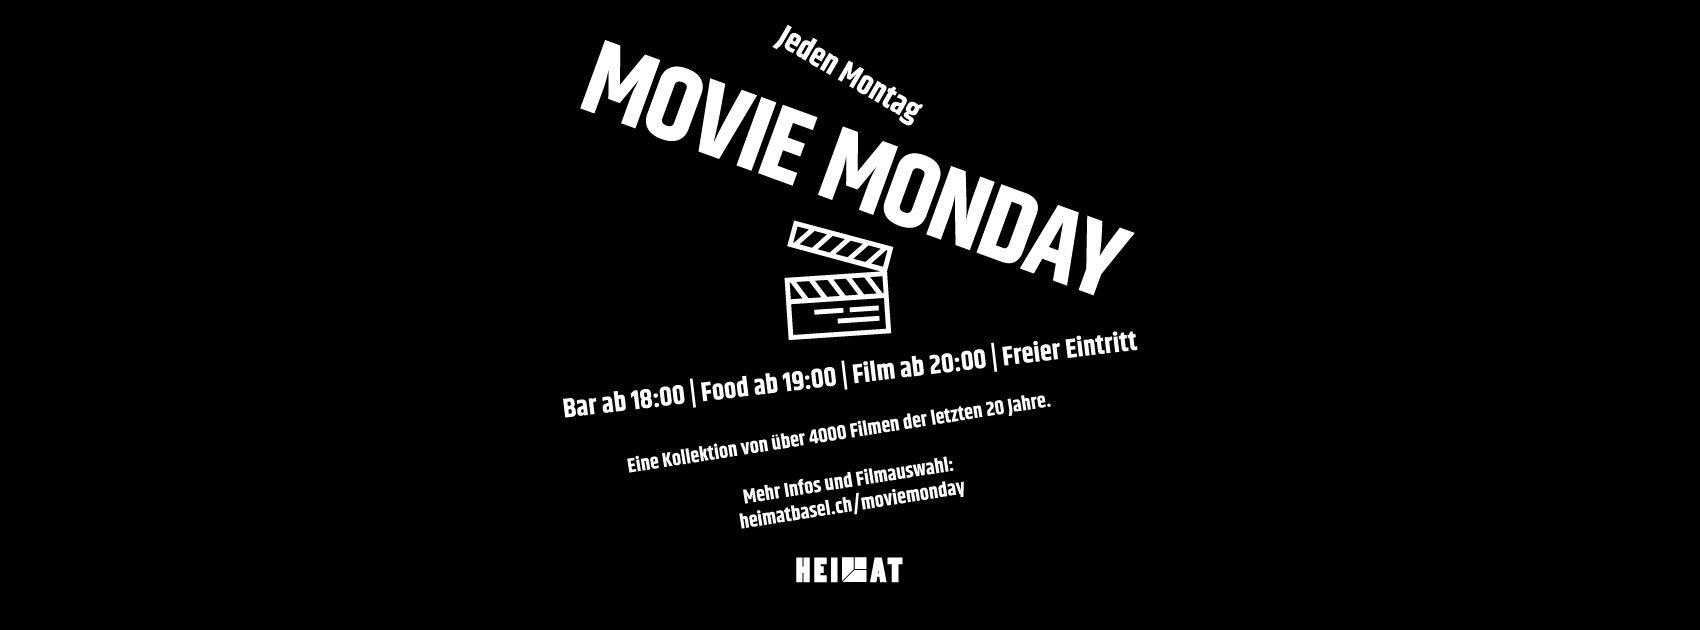 190500_MovieMonday_FBp.jpg